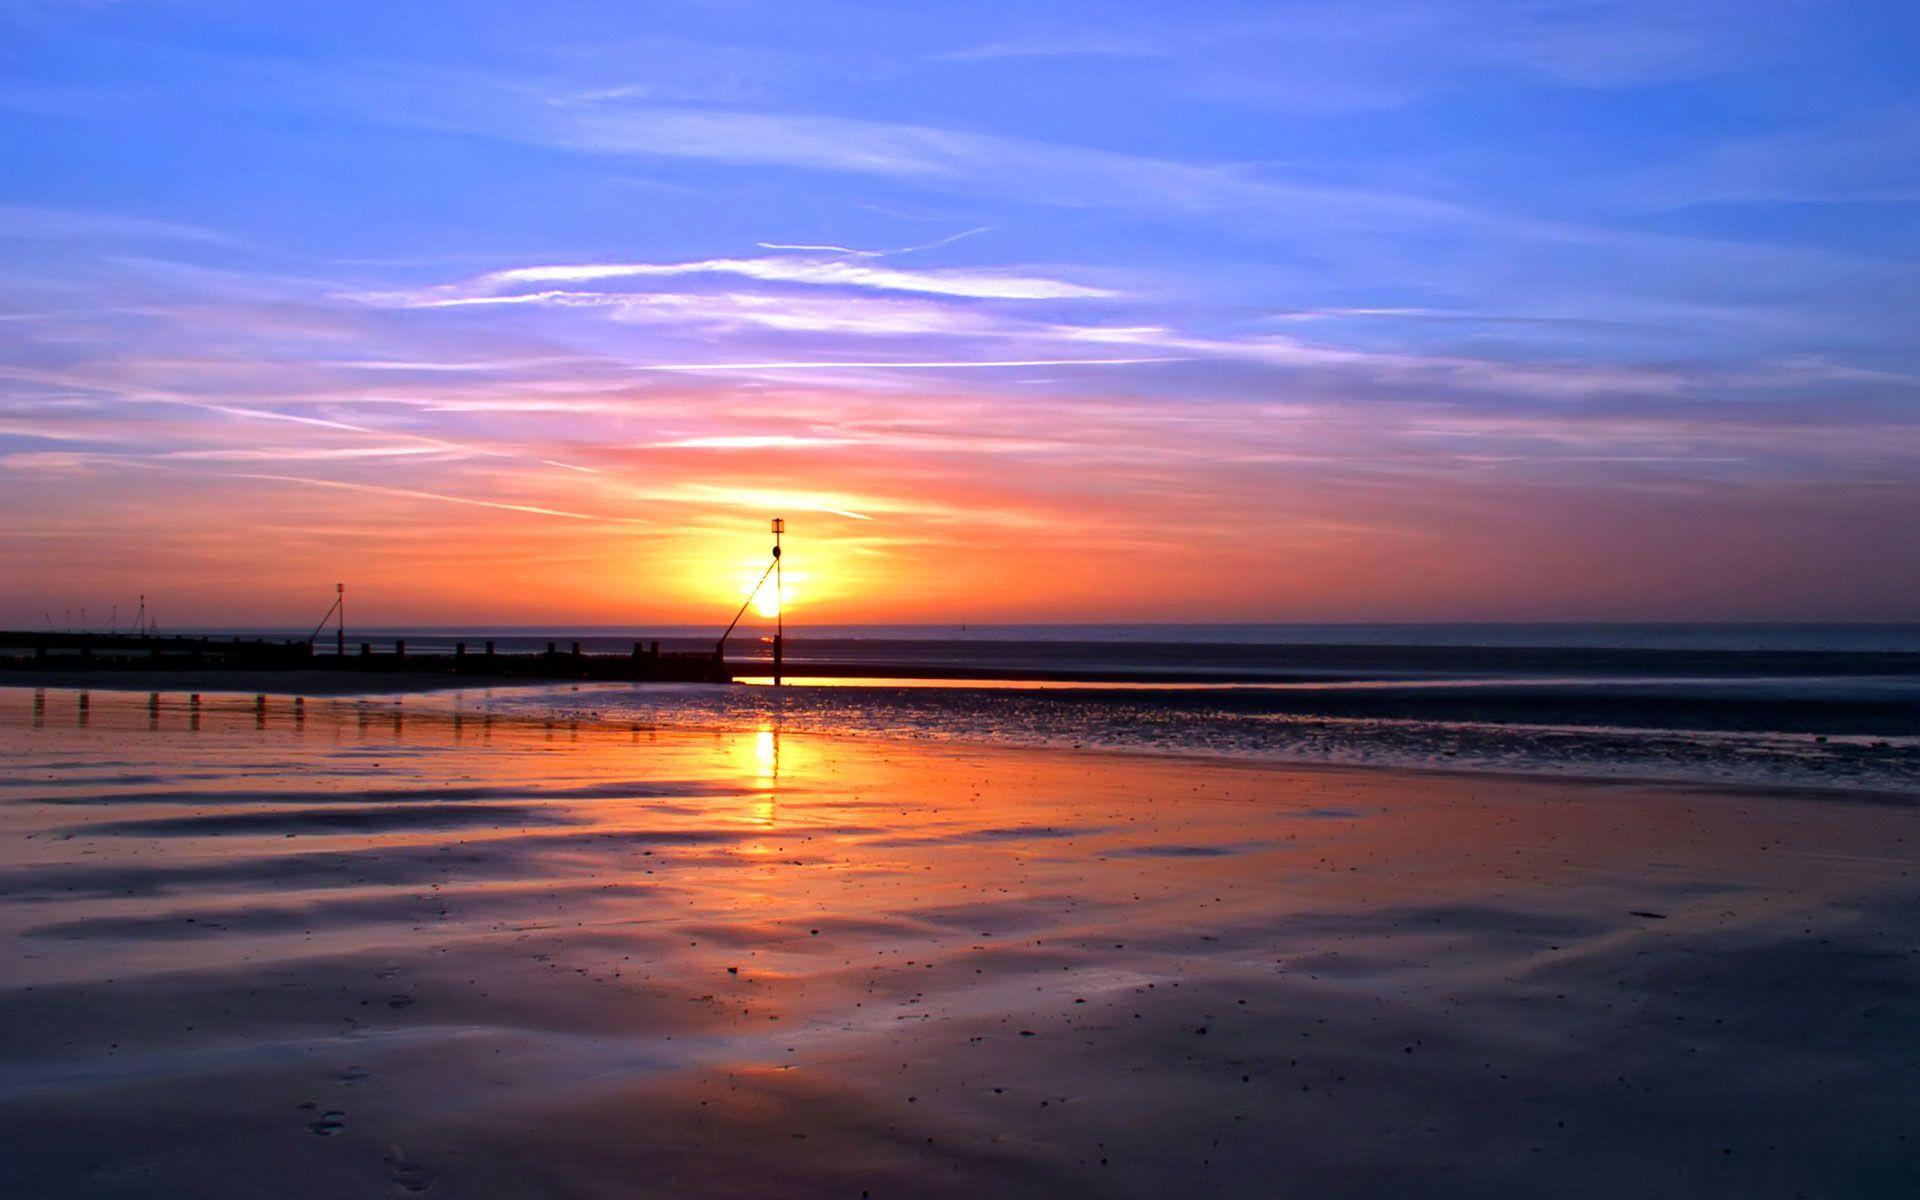 Romantic Beach Sunset Wallpaper High Definition   Sunset Beach Nc 1920x1200